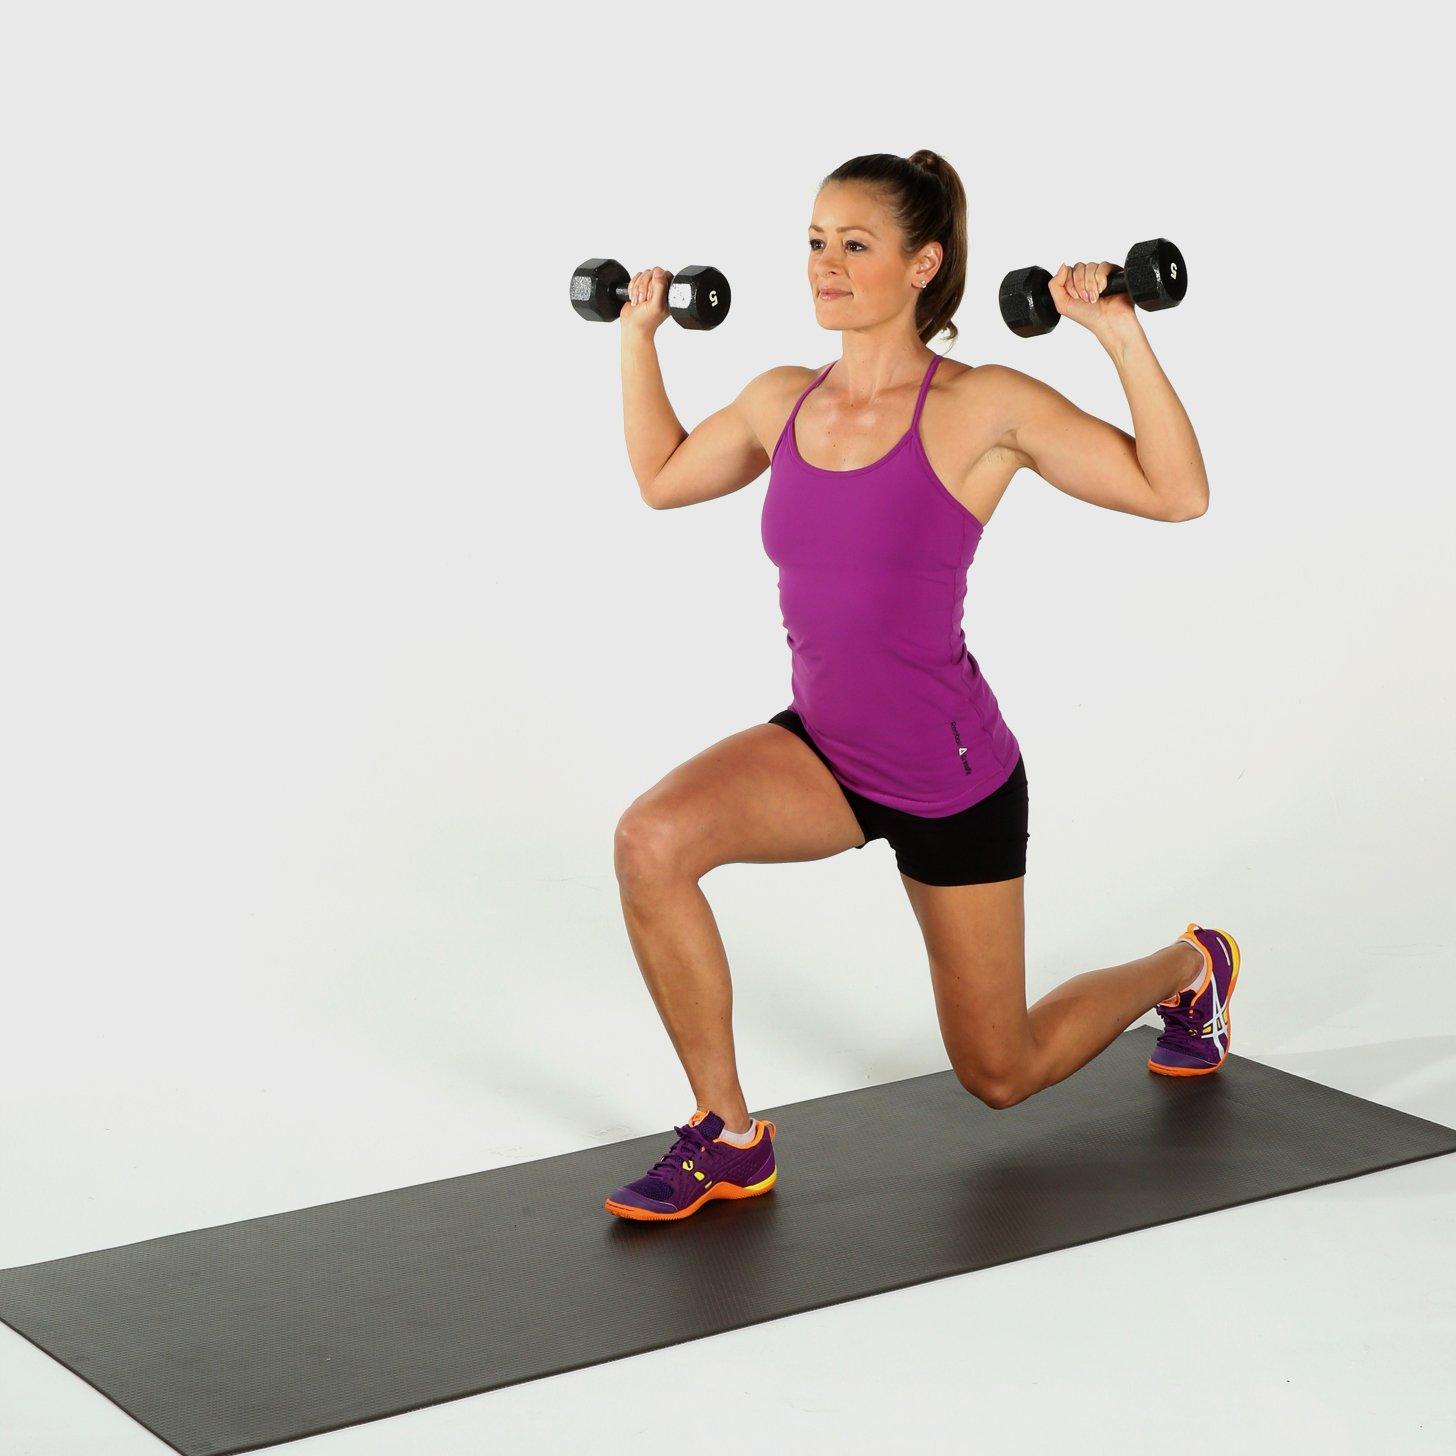 Weight-Training-Women-Dumbbell-Circuit-Workout.jpg